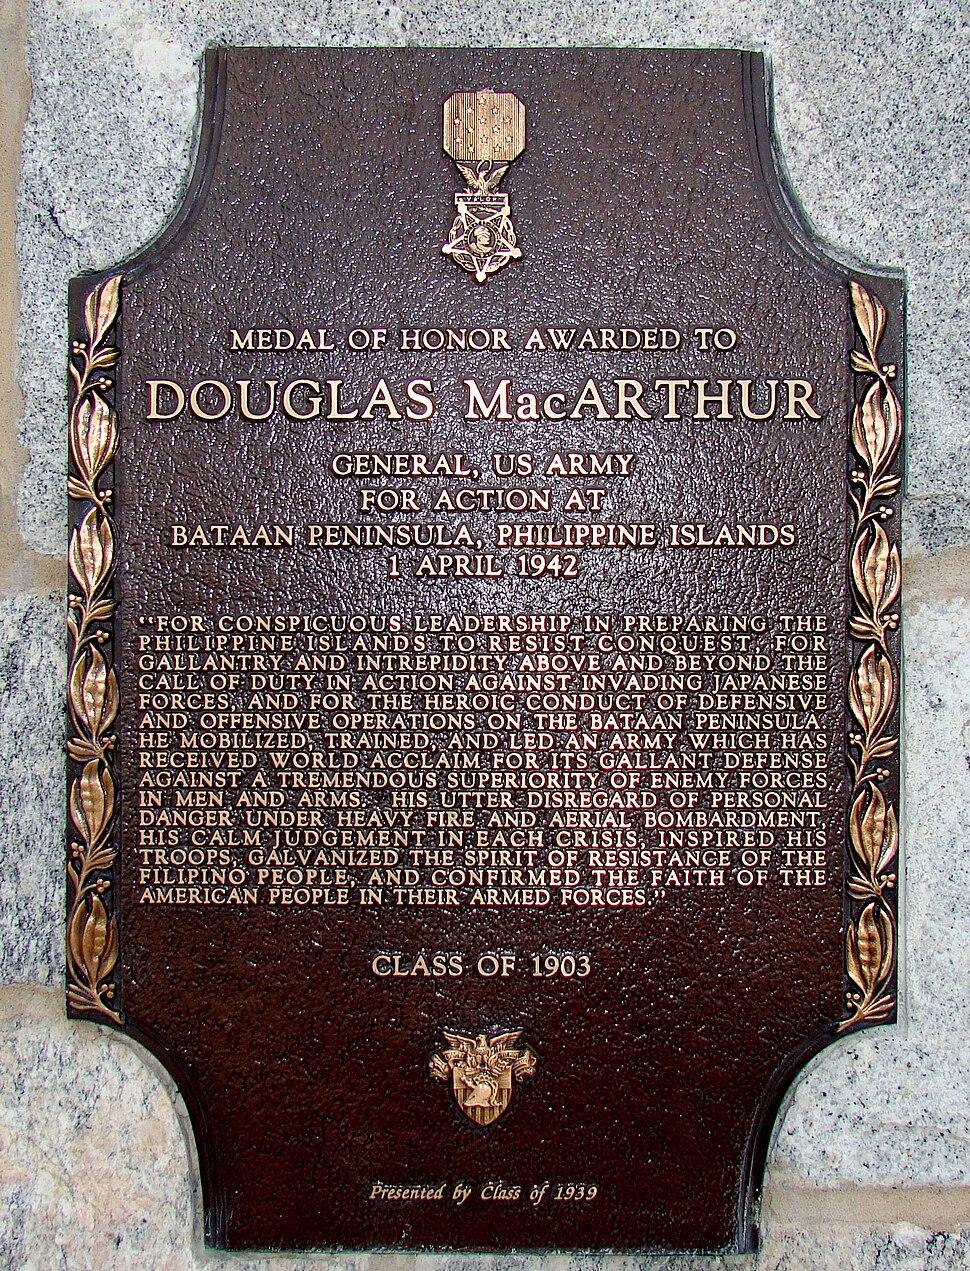 Douglas MacArthur MOH Plaque, USMA